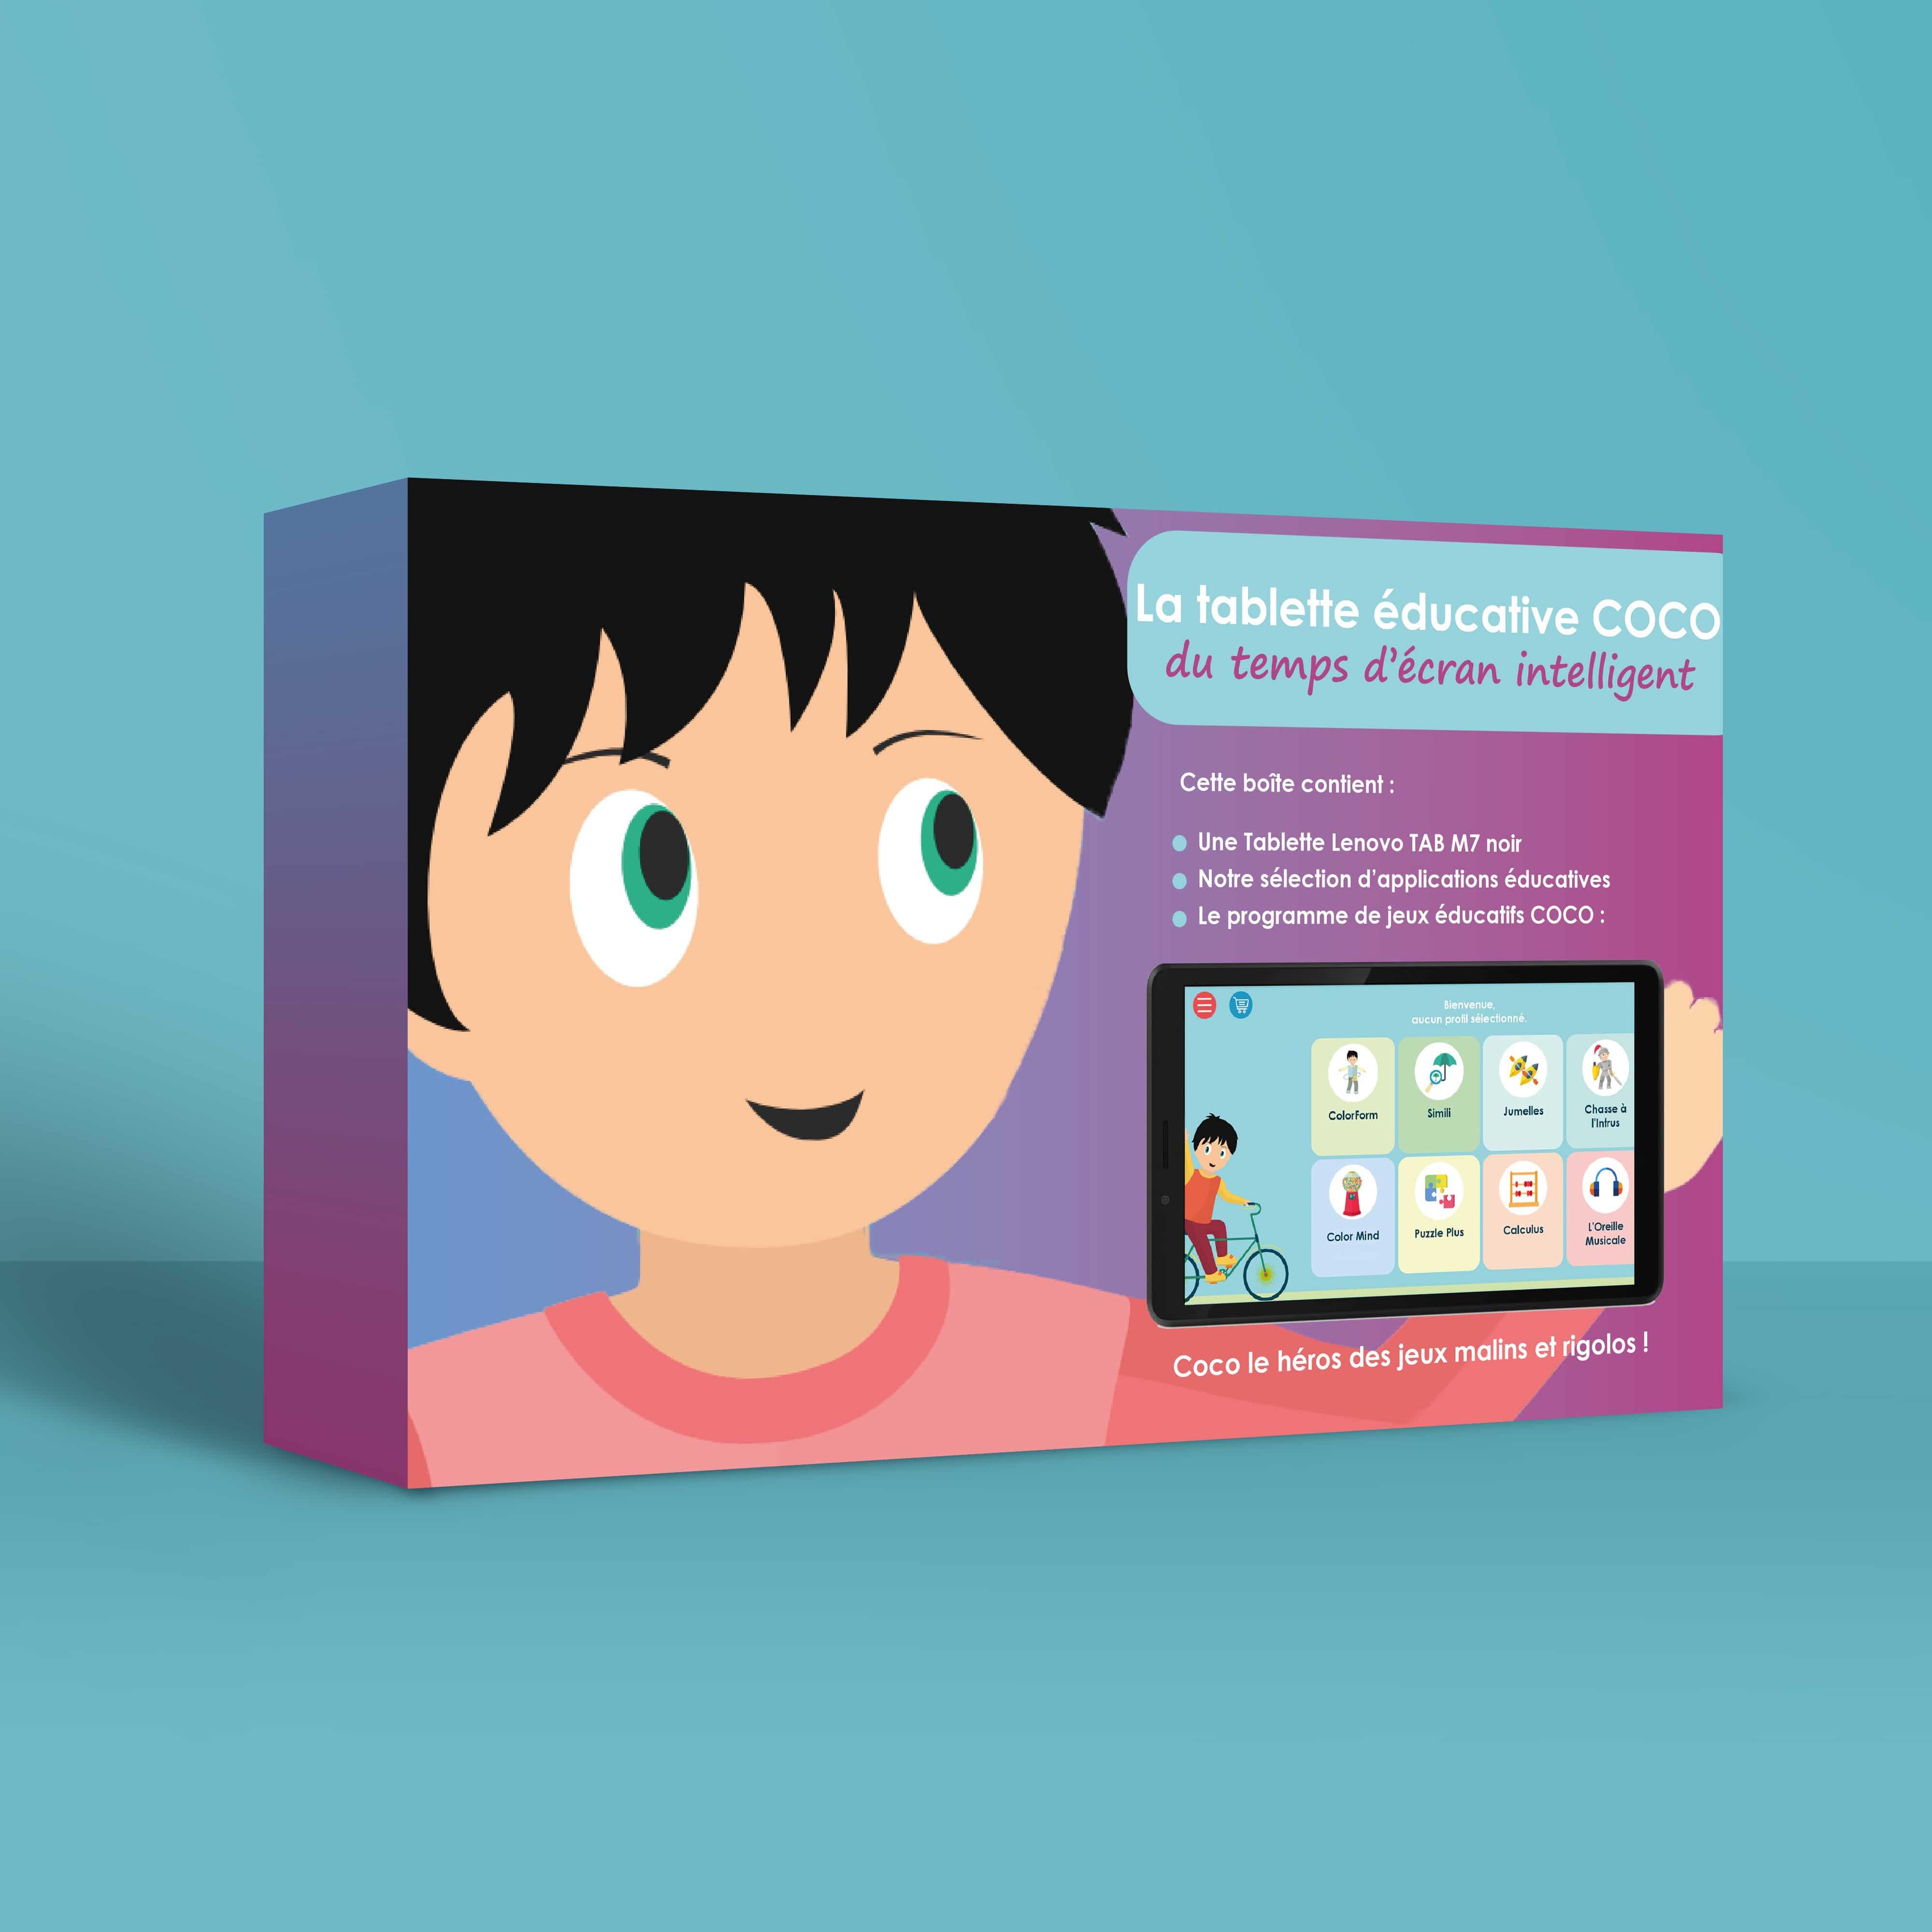 Les box tendances pour un cadeau parfait lors de ce Noël 2020-joe-edith-app-adulte-application-entrainement-cerebral-coach-jeux-cerebraux-jeu-cognitif-logique-culture-memoire-fun-dynseo-ludique-animation-personnes-agees-alz-alzheimer-activites-senior-activite-seniors-stimulation-tablette-smartphone